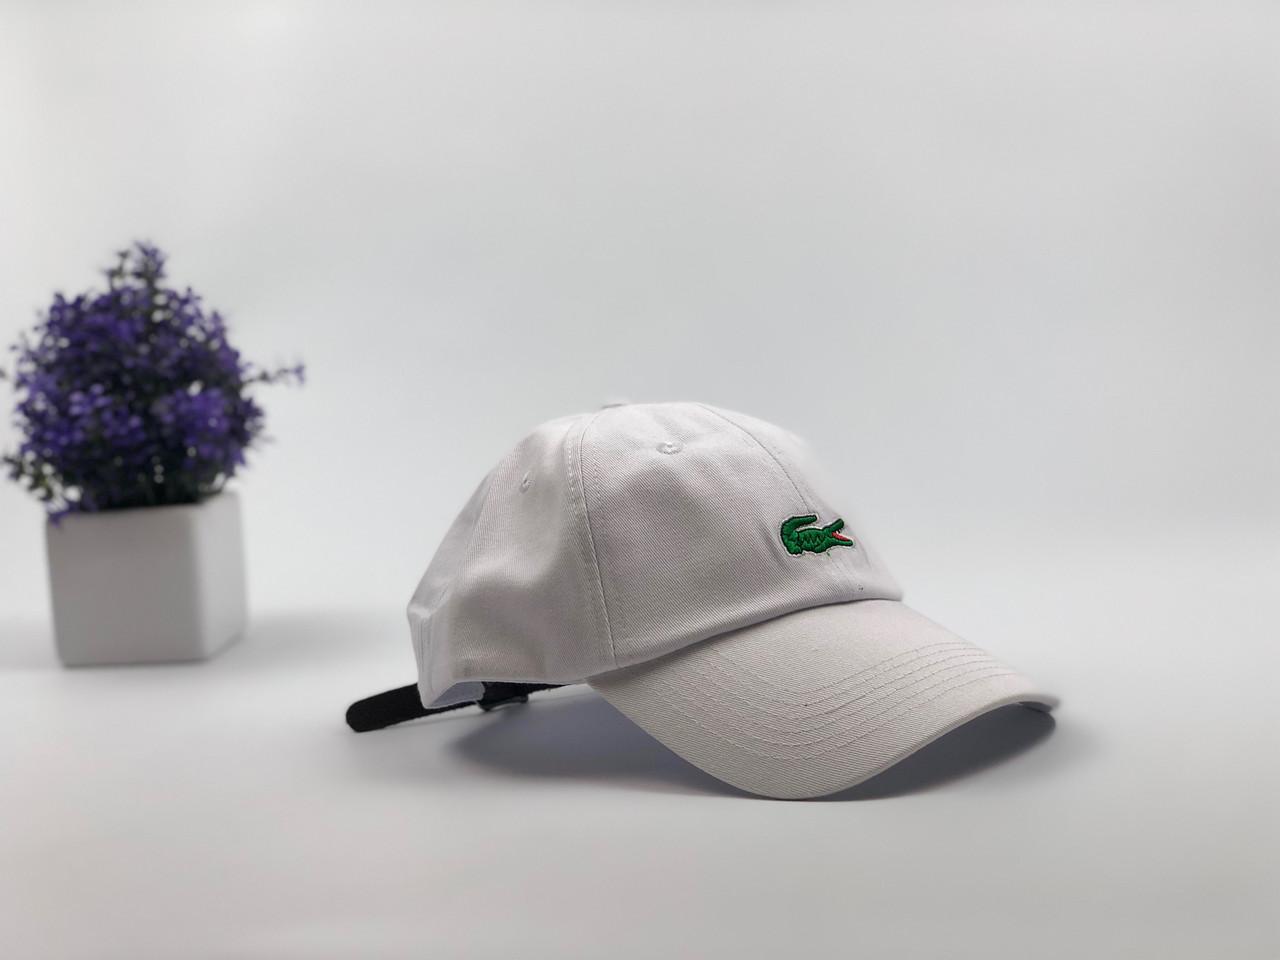 Кепка бейсболка Lacoste кожаный ремешок (белая)